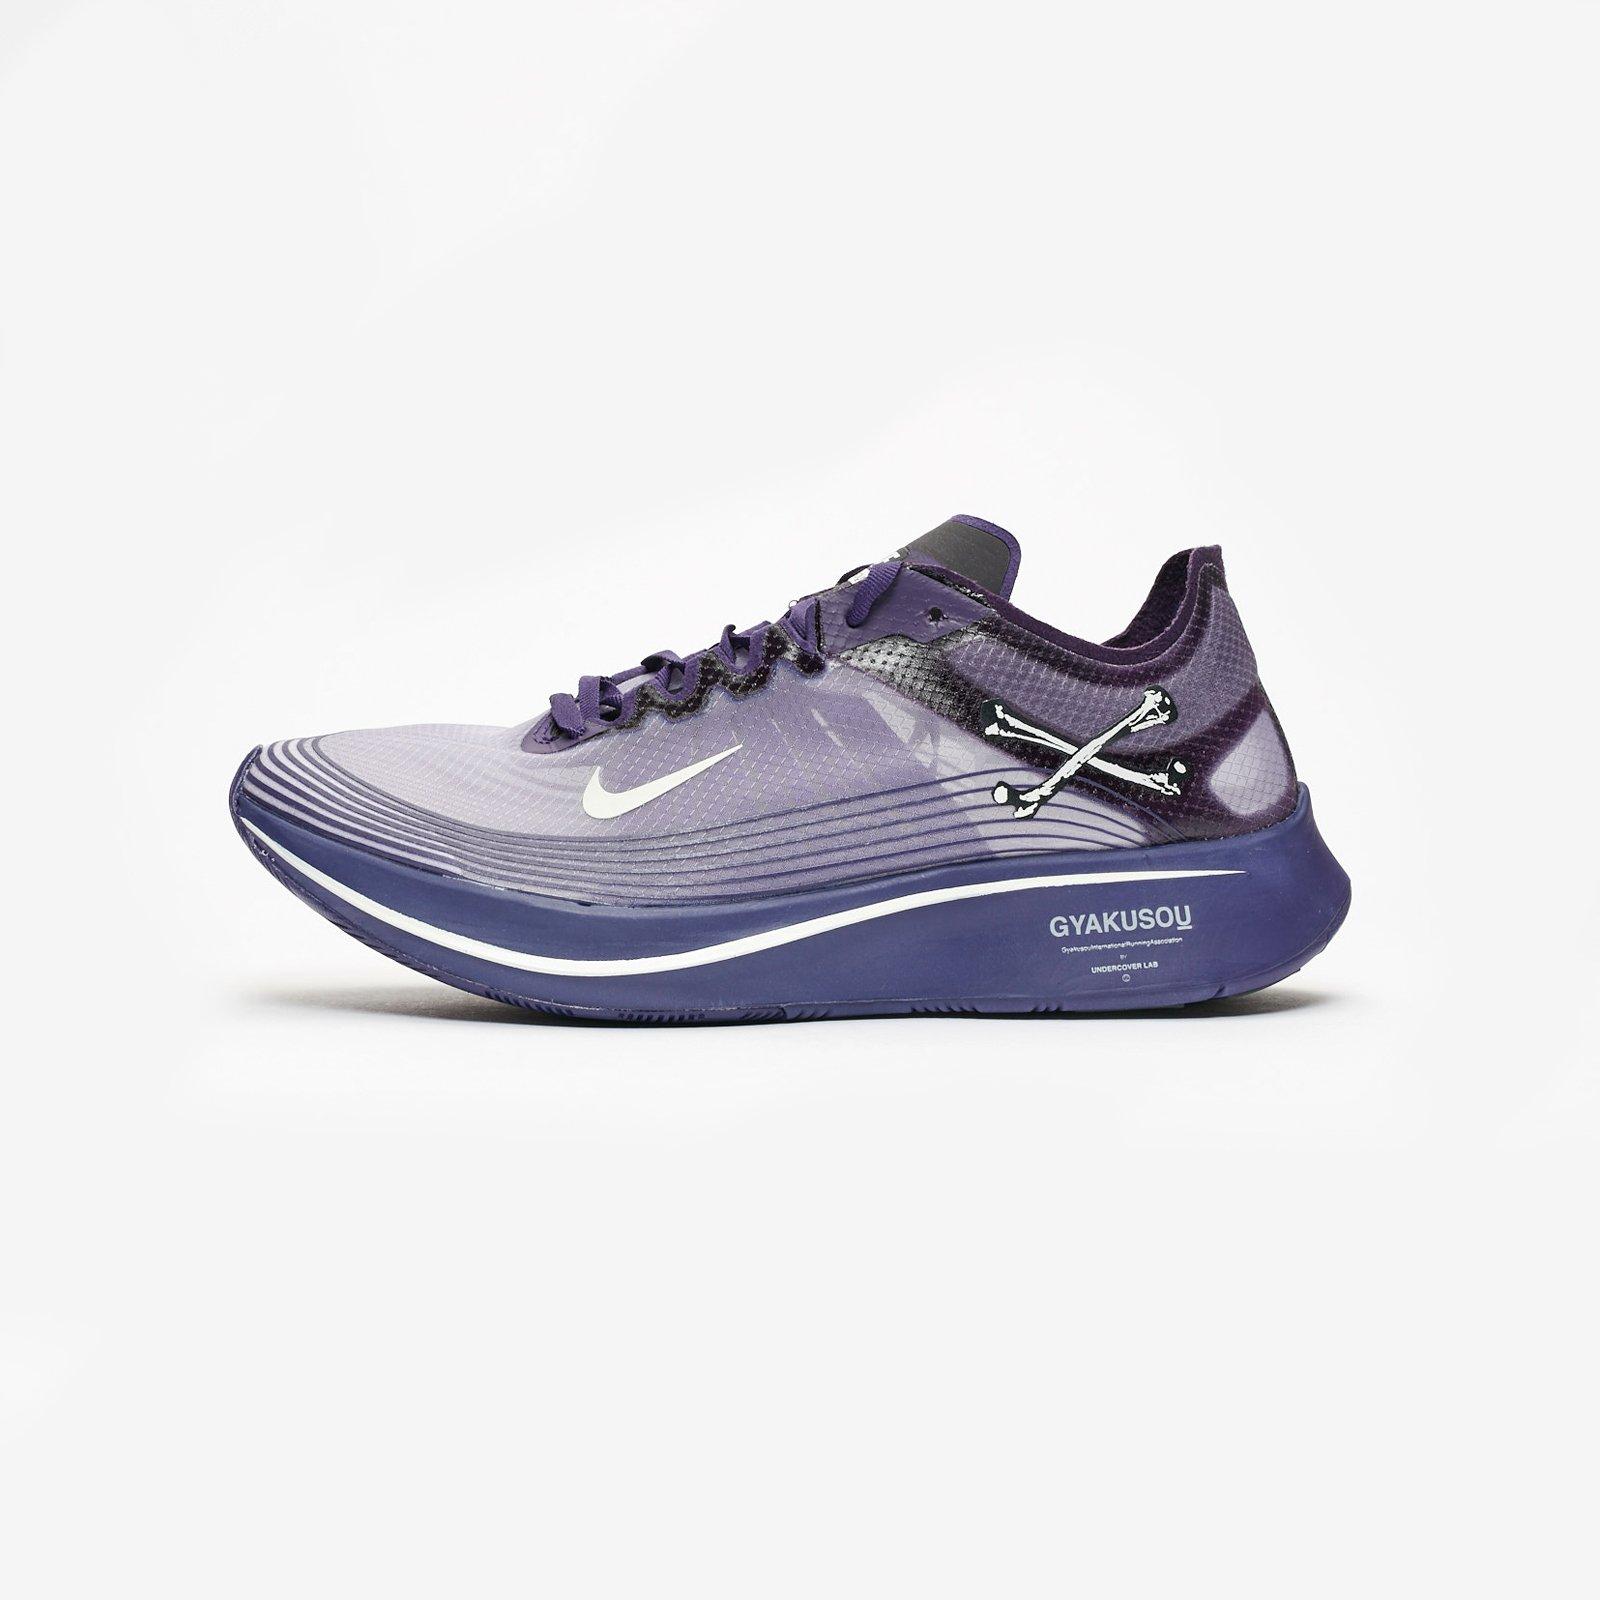 1c5f3502b0a2e Nike Zoom Fly   Gyakusou - Ar4349-500 - Sneakersnstuff